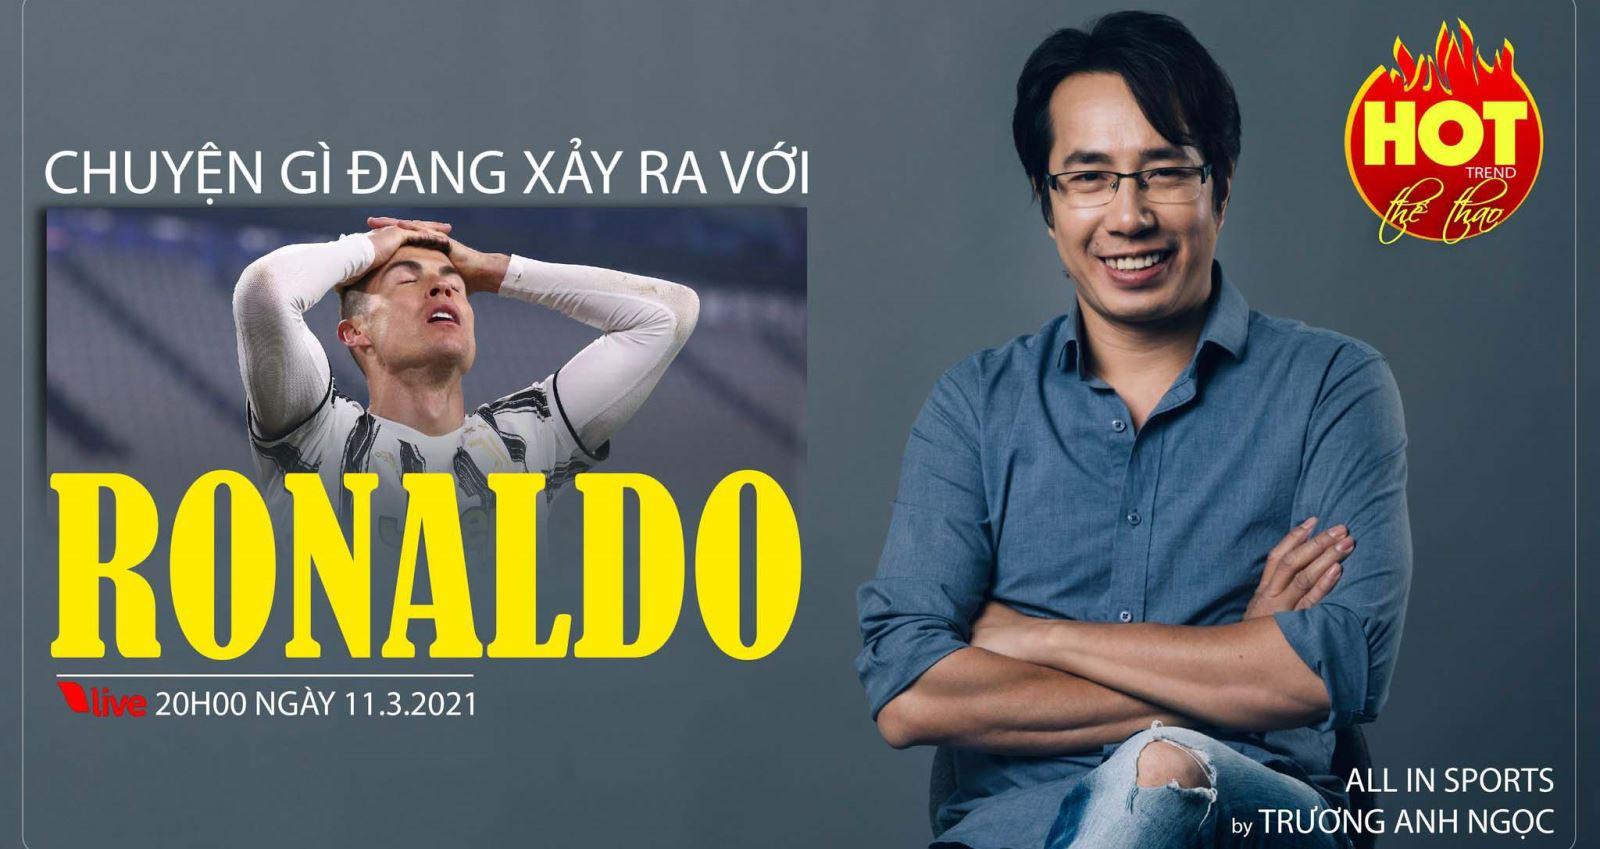 BLV Anh Ngọc, Messi, Ronaldo, Cúp C1, Champions League, trực tiếp bóng đá, lịch thi đấu bóng đá,